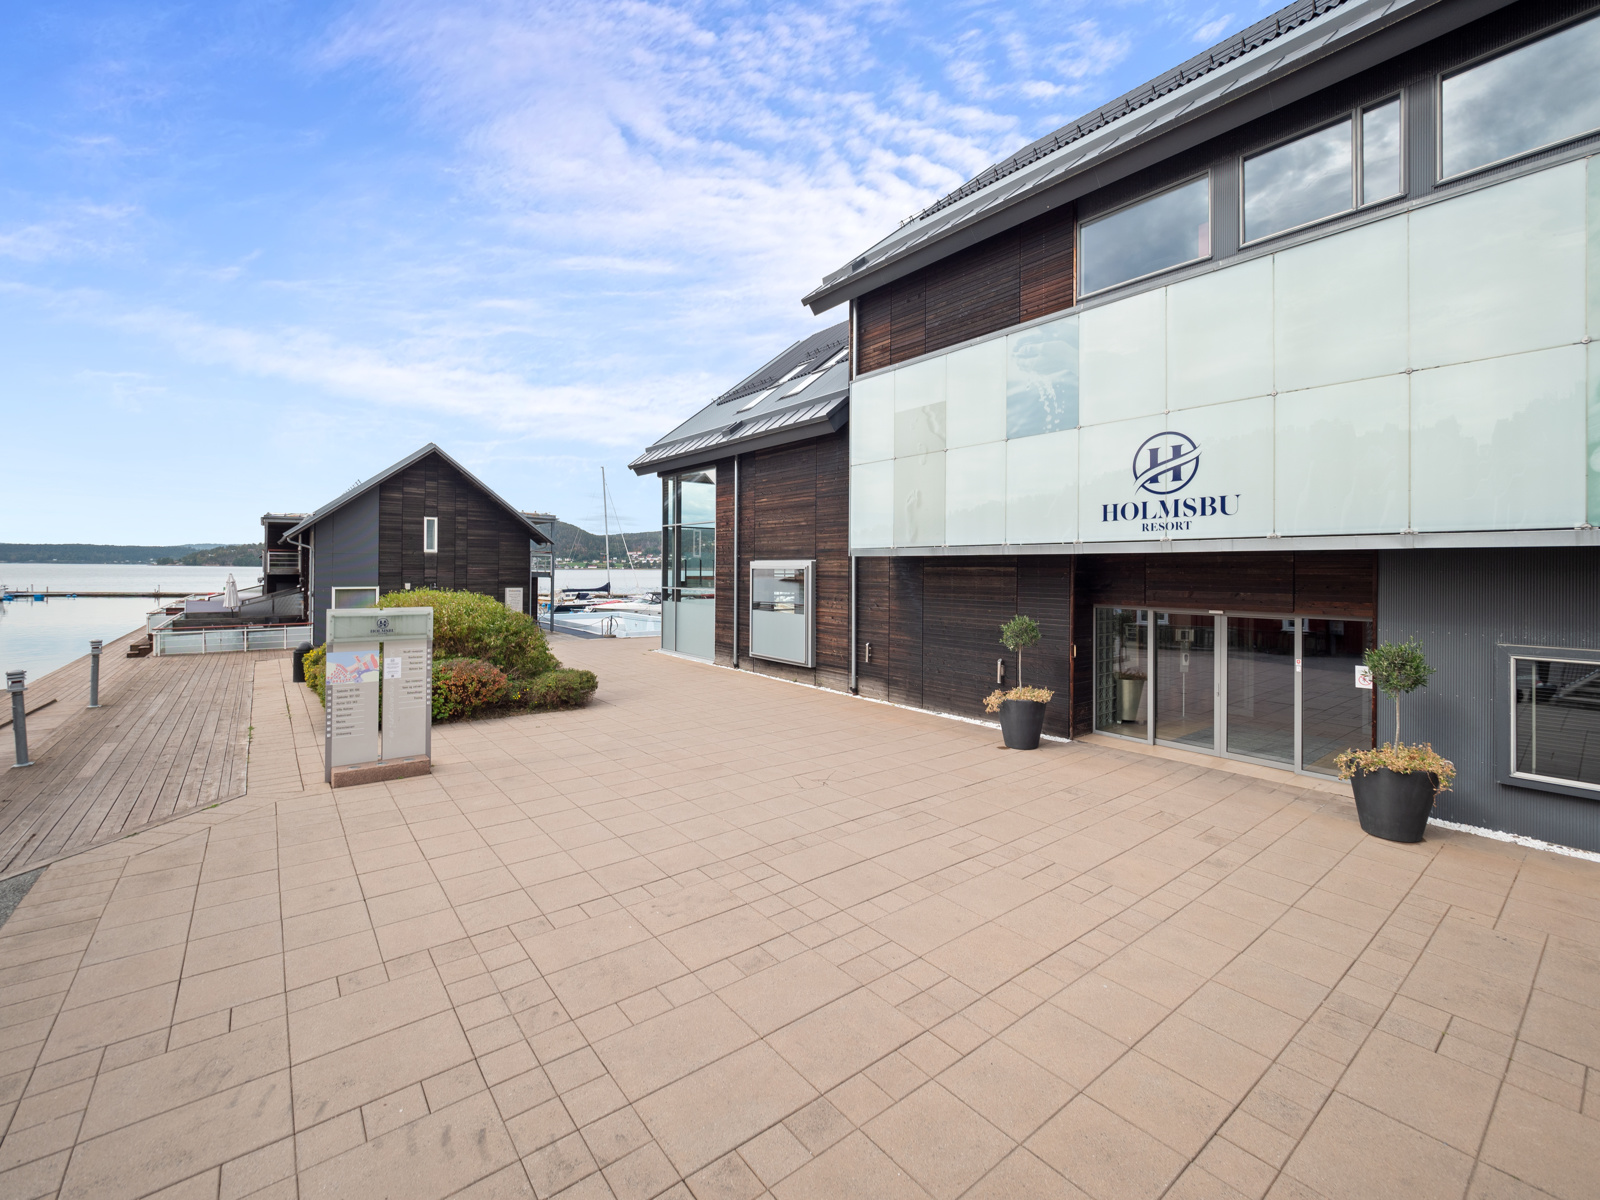 En kort spasertur unna ligger Holmsbu Resort - Ingen hotelldrift lenger, men mulighet for å leie hytte, sjøbod eller leilighet